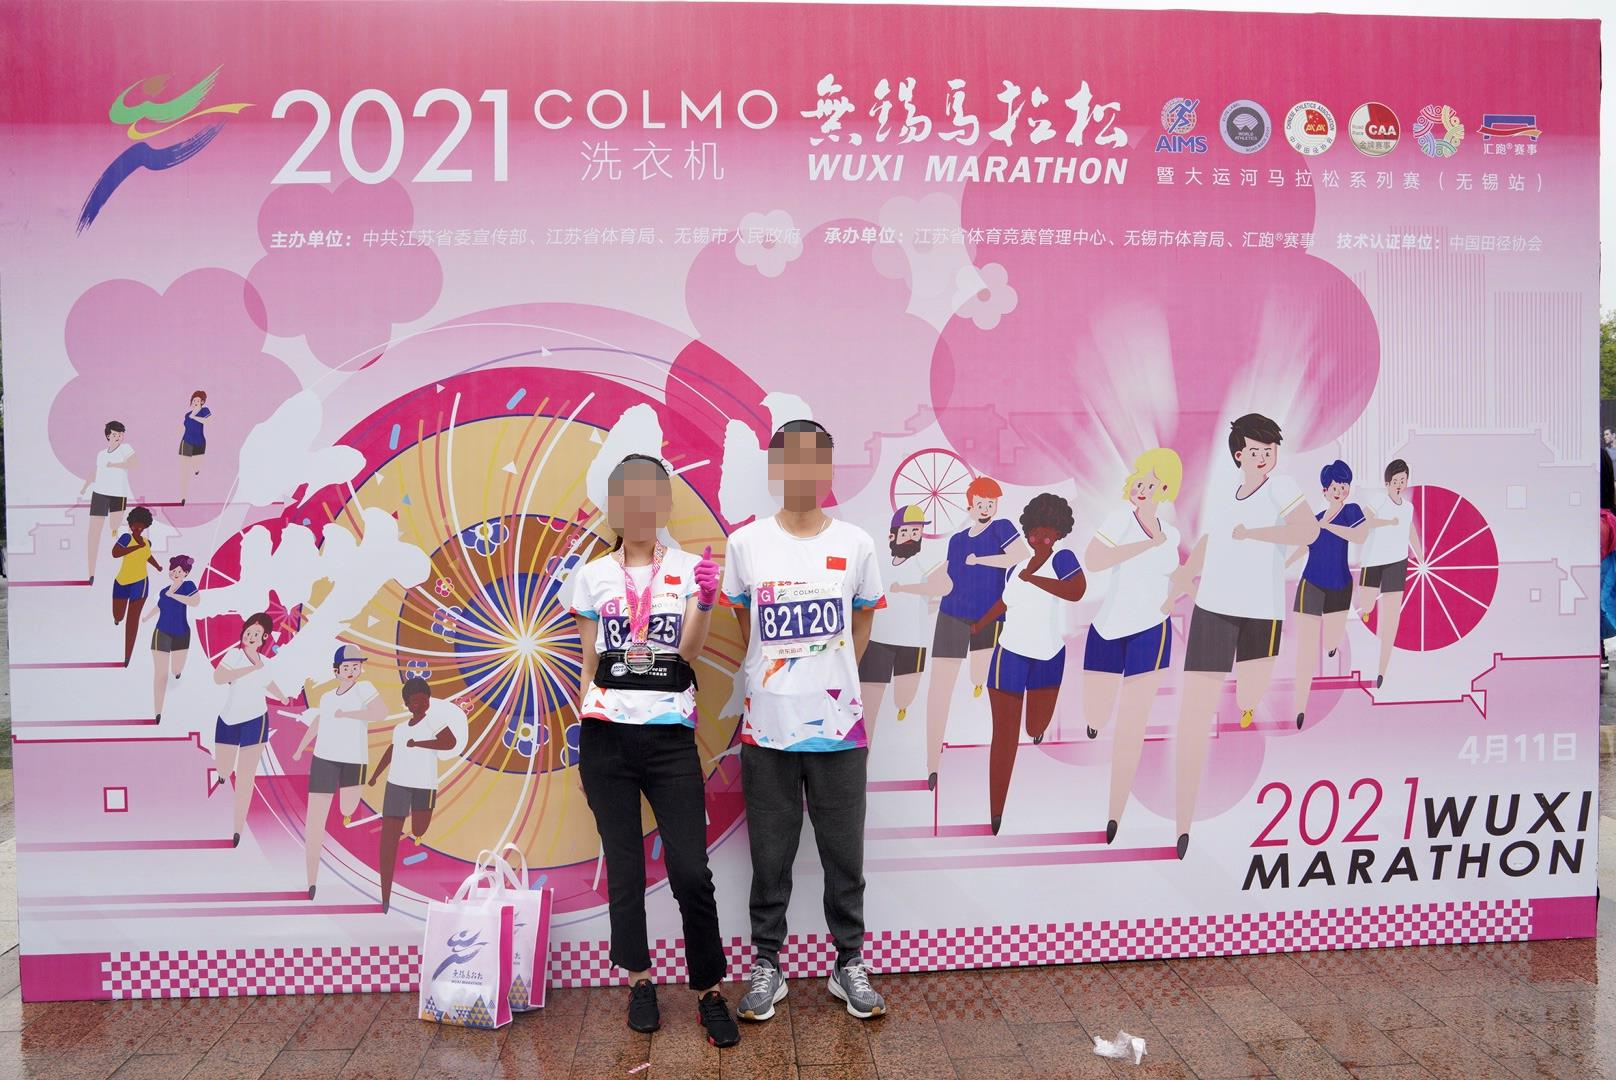 肺移植 7 年后,这位武汉小伙跑完 5 公里迷你马拉松